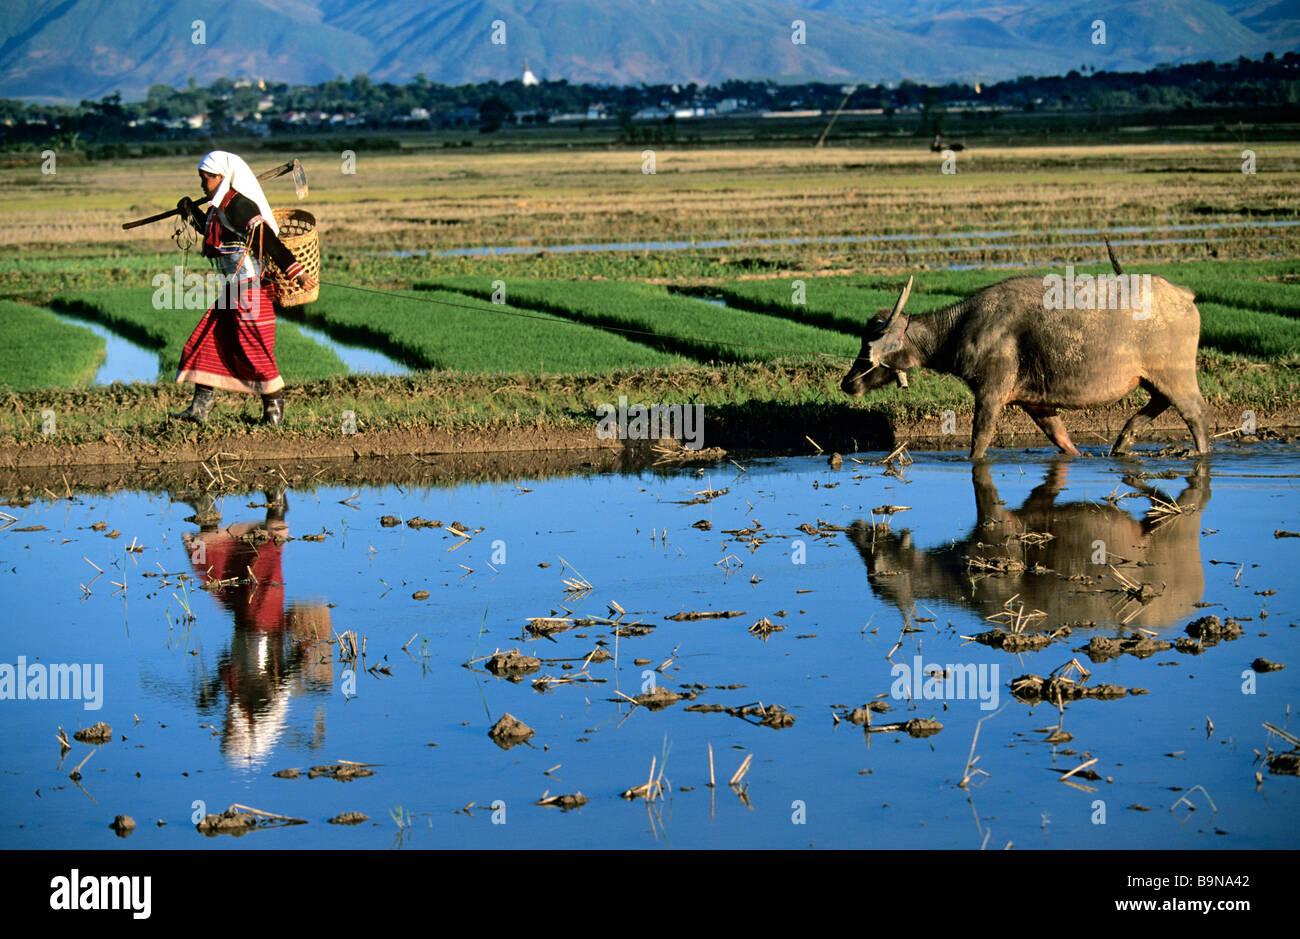 Myanmar (Burma), Silver Palung ethnic group - Stock Image